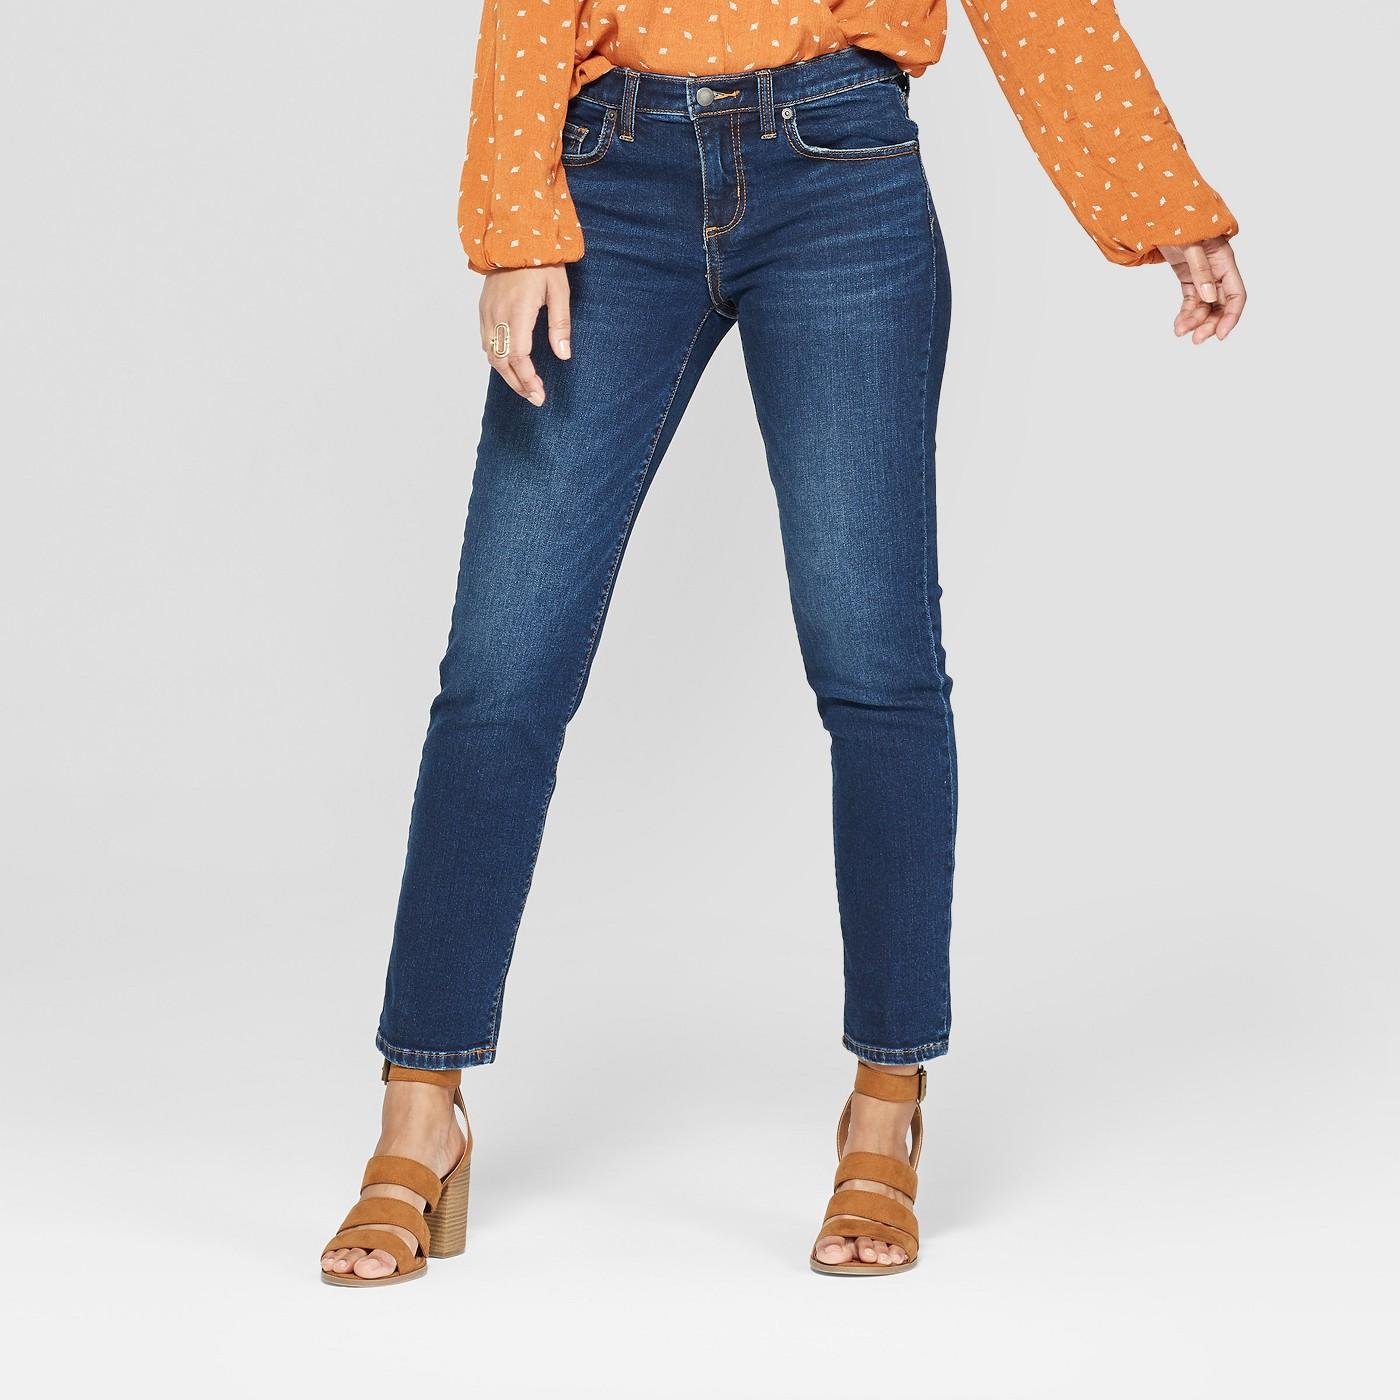 Women's Mid-Rise Boyfriend Crop Jeans - Universal Thread™ Dark Wash - image 1 of 3